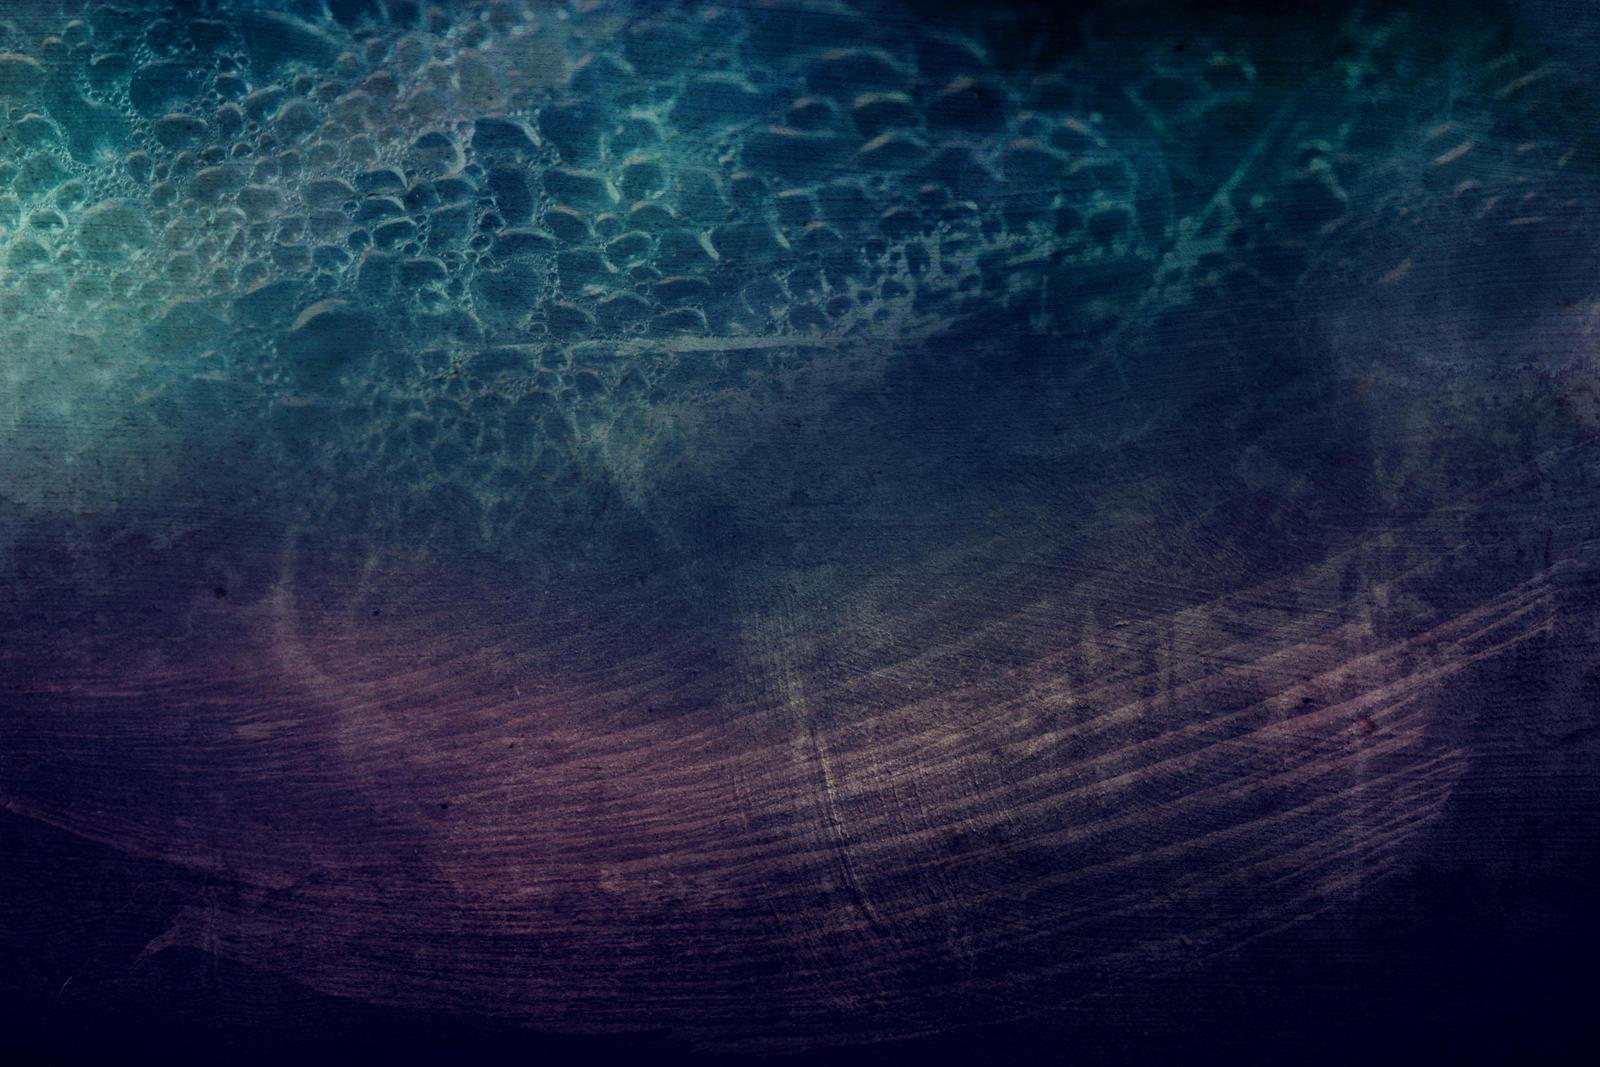 Texture 462 by Sirius-sdz